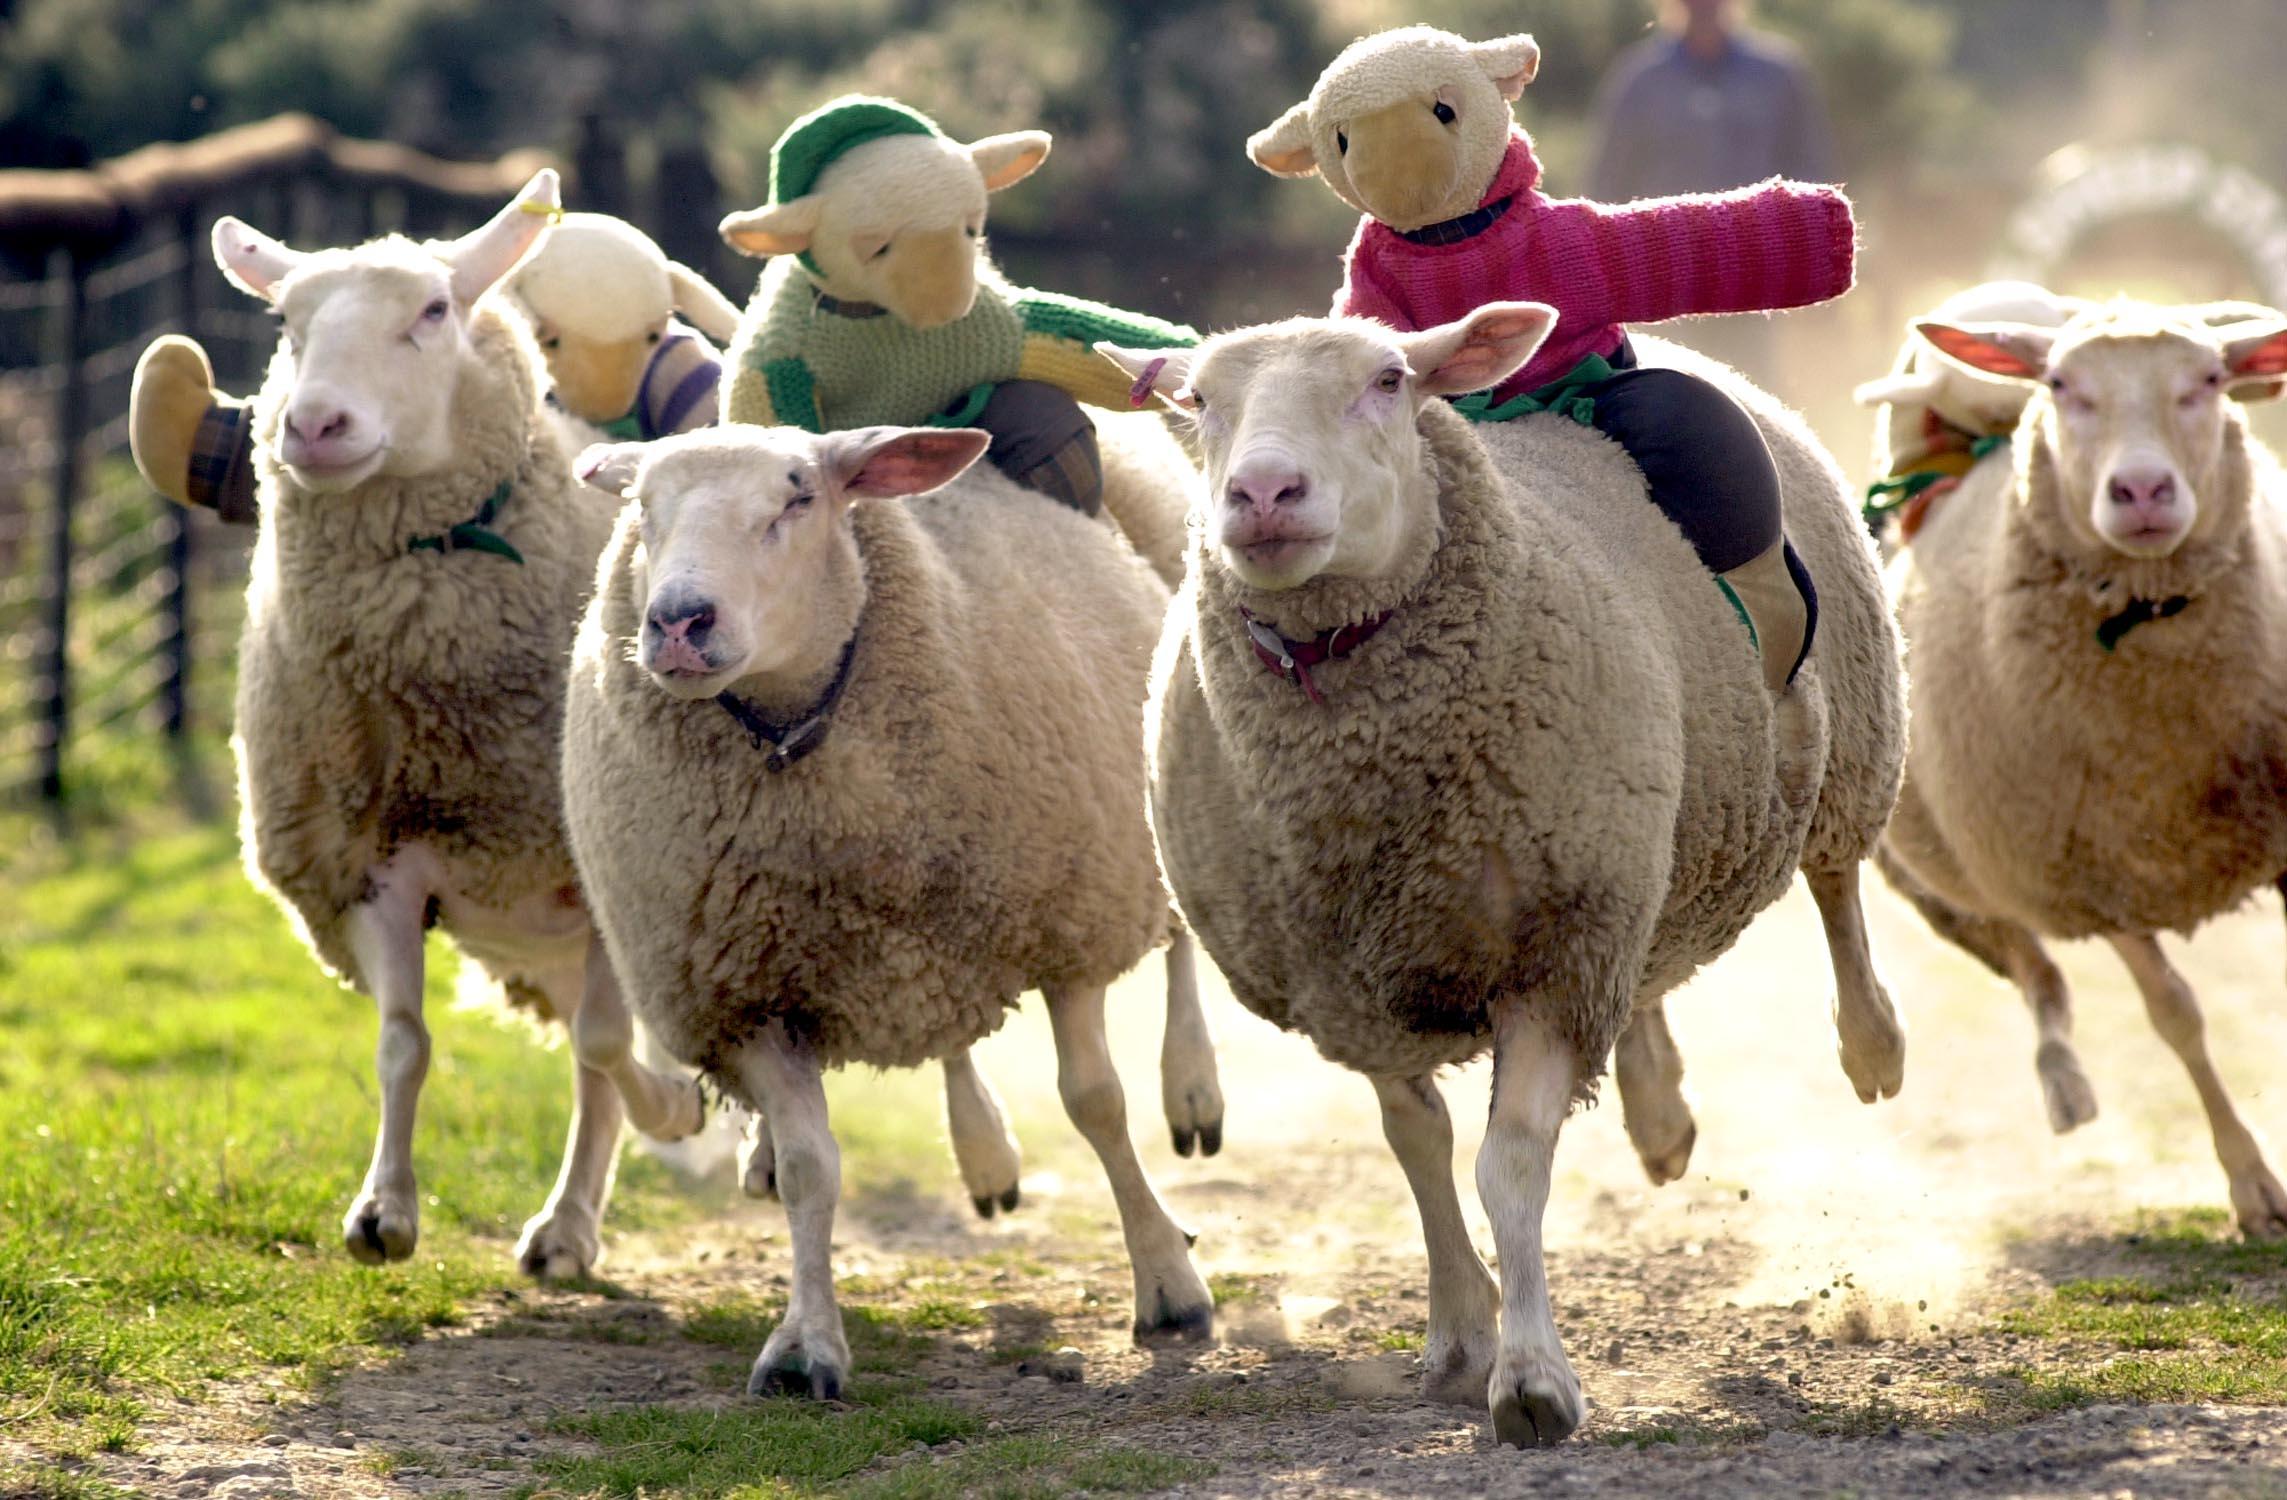 Sheep racing at The Big Sheep